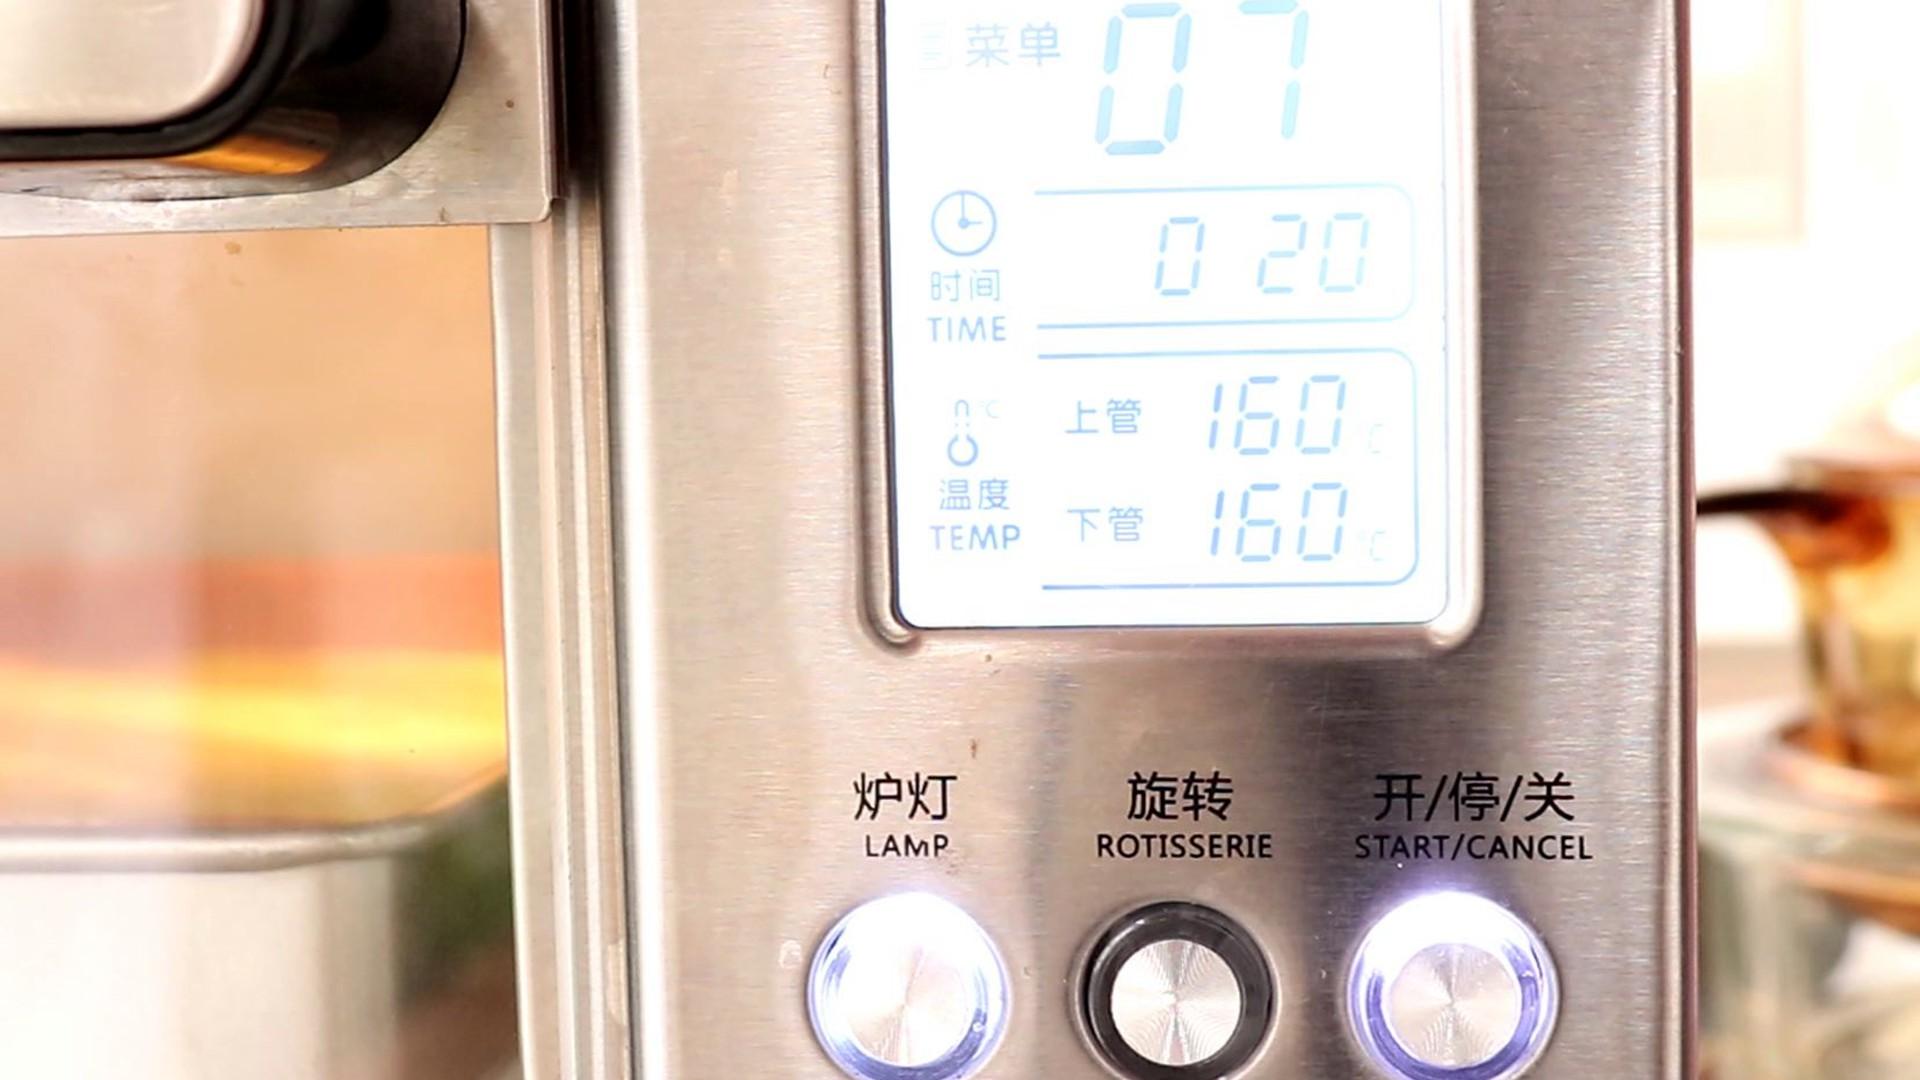 圣诞草莓蛋糕卷,放入烤箱中层,上下管160度,烤20min</p> <p>tips:具体温度和时间,根据自家烤箱情况,去做适当的调整